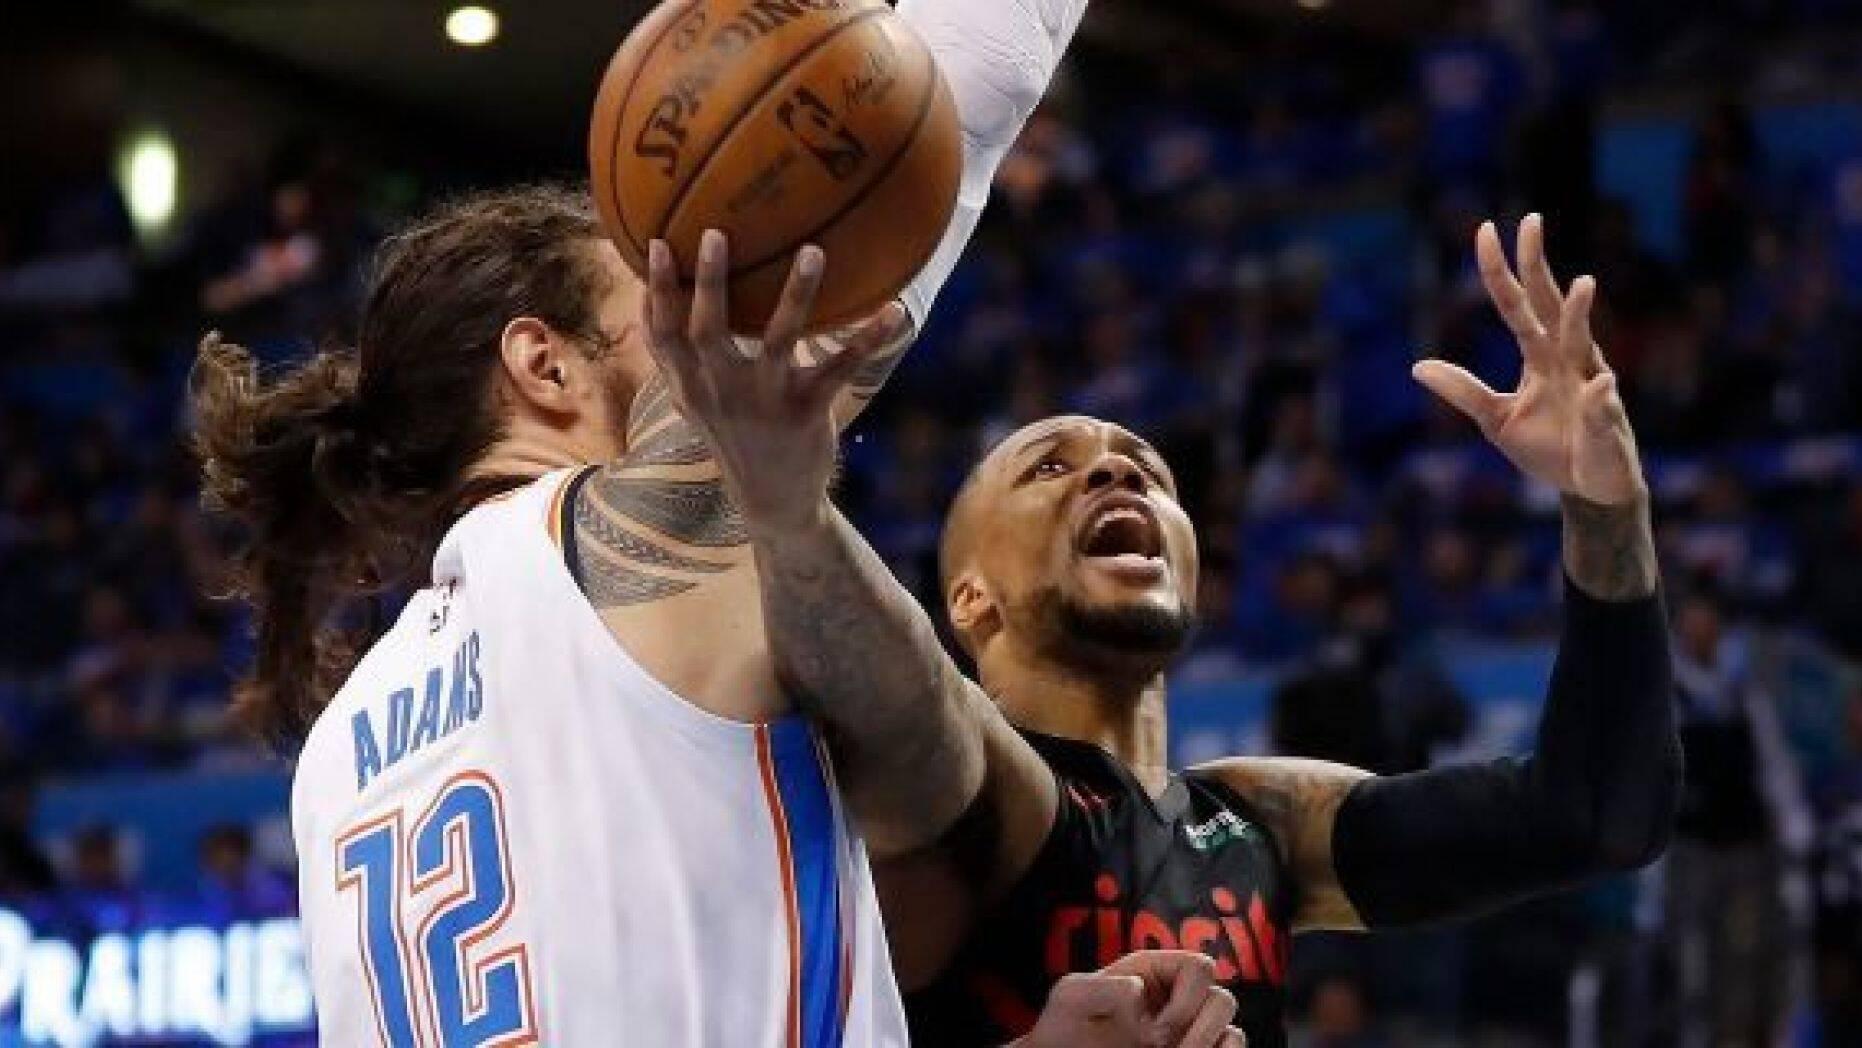 Nhận định NBA: Portland Trail Blazers vs Oklahoma City Thunder (ngày 24/4, 9h30)